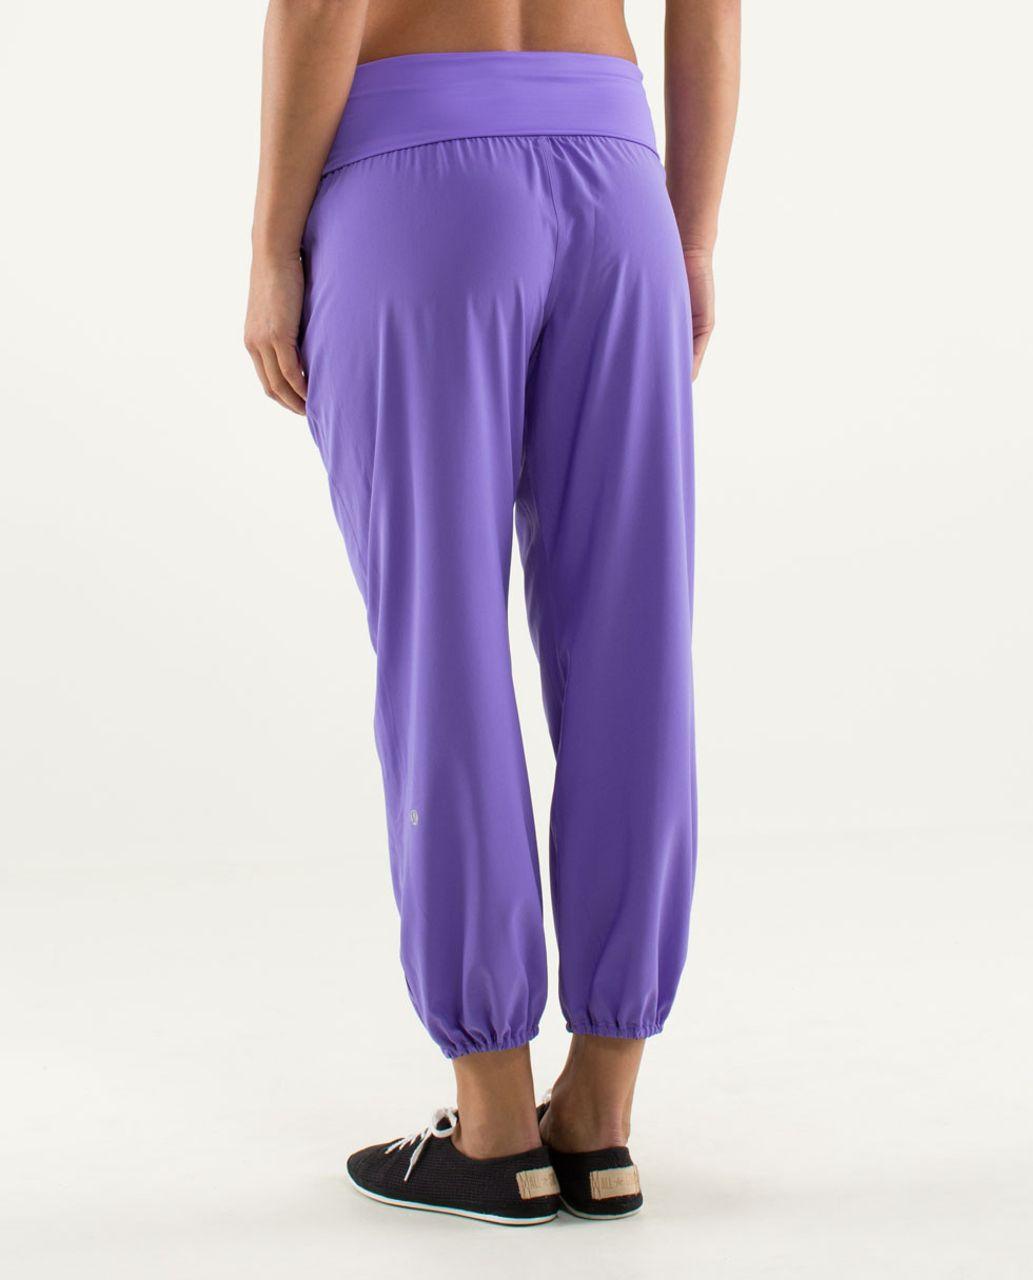 Lululemon Om Pant - Power Purple